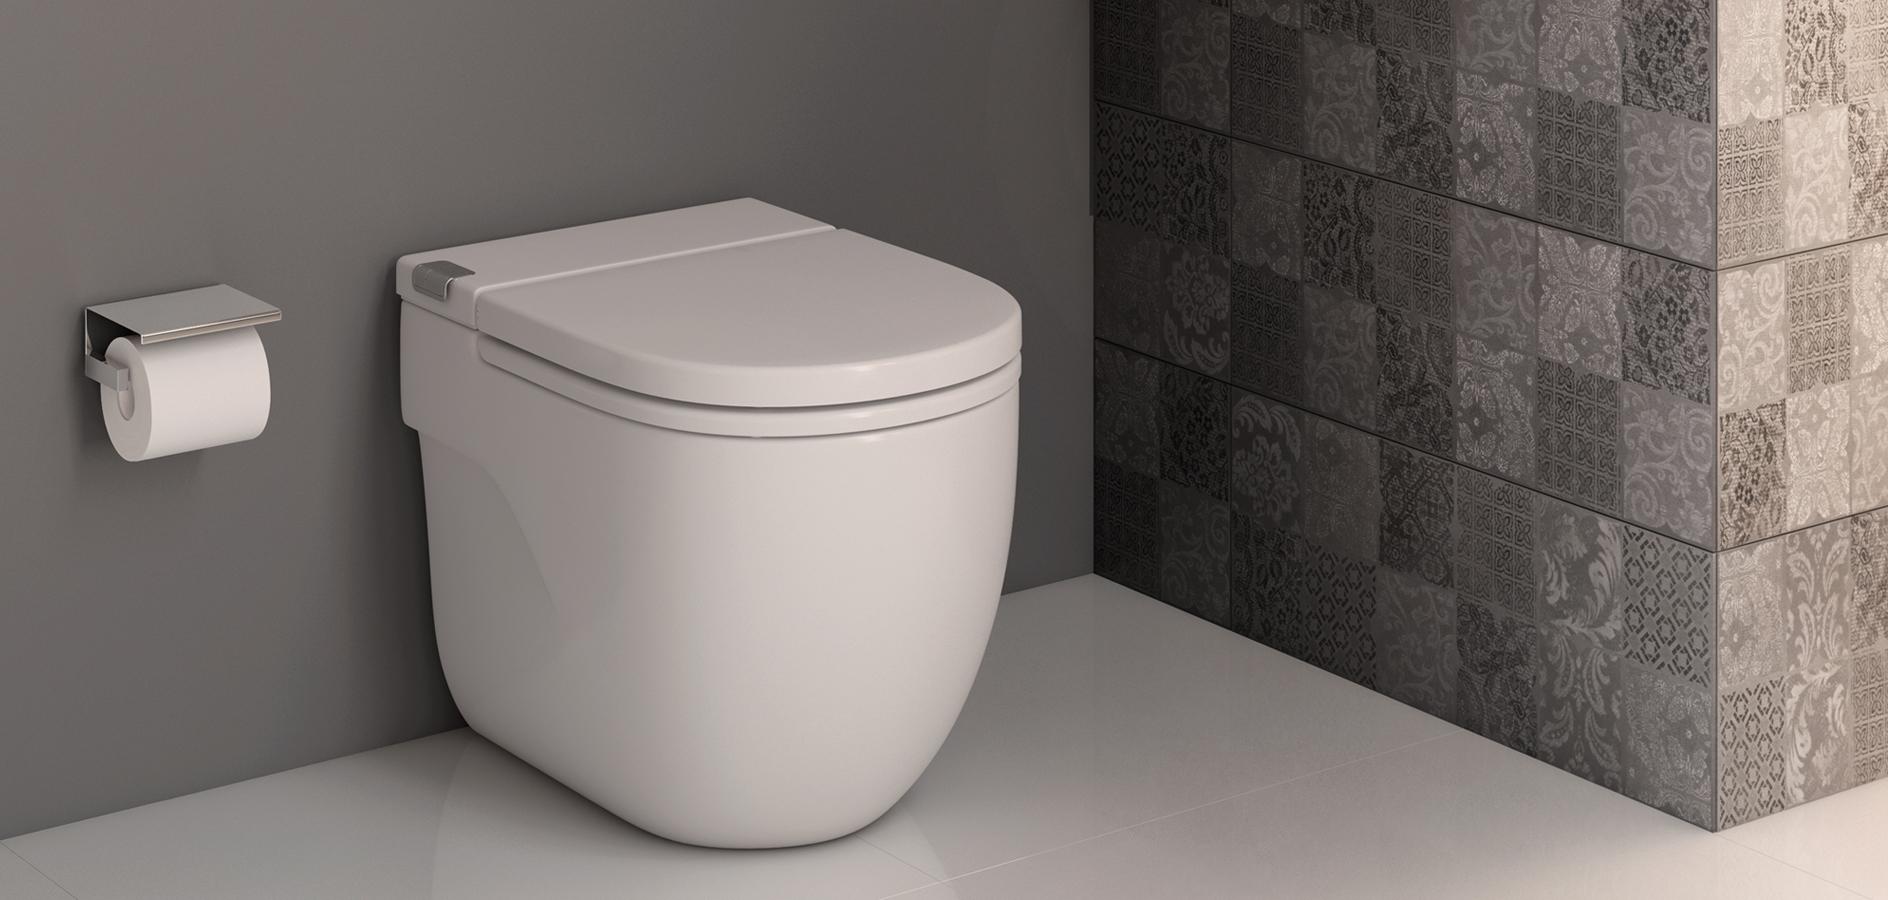 In tank inodoro y dep sito todo en uno inodoros sin - Inodoro y lavabo en uno ...